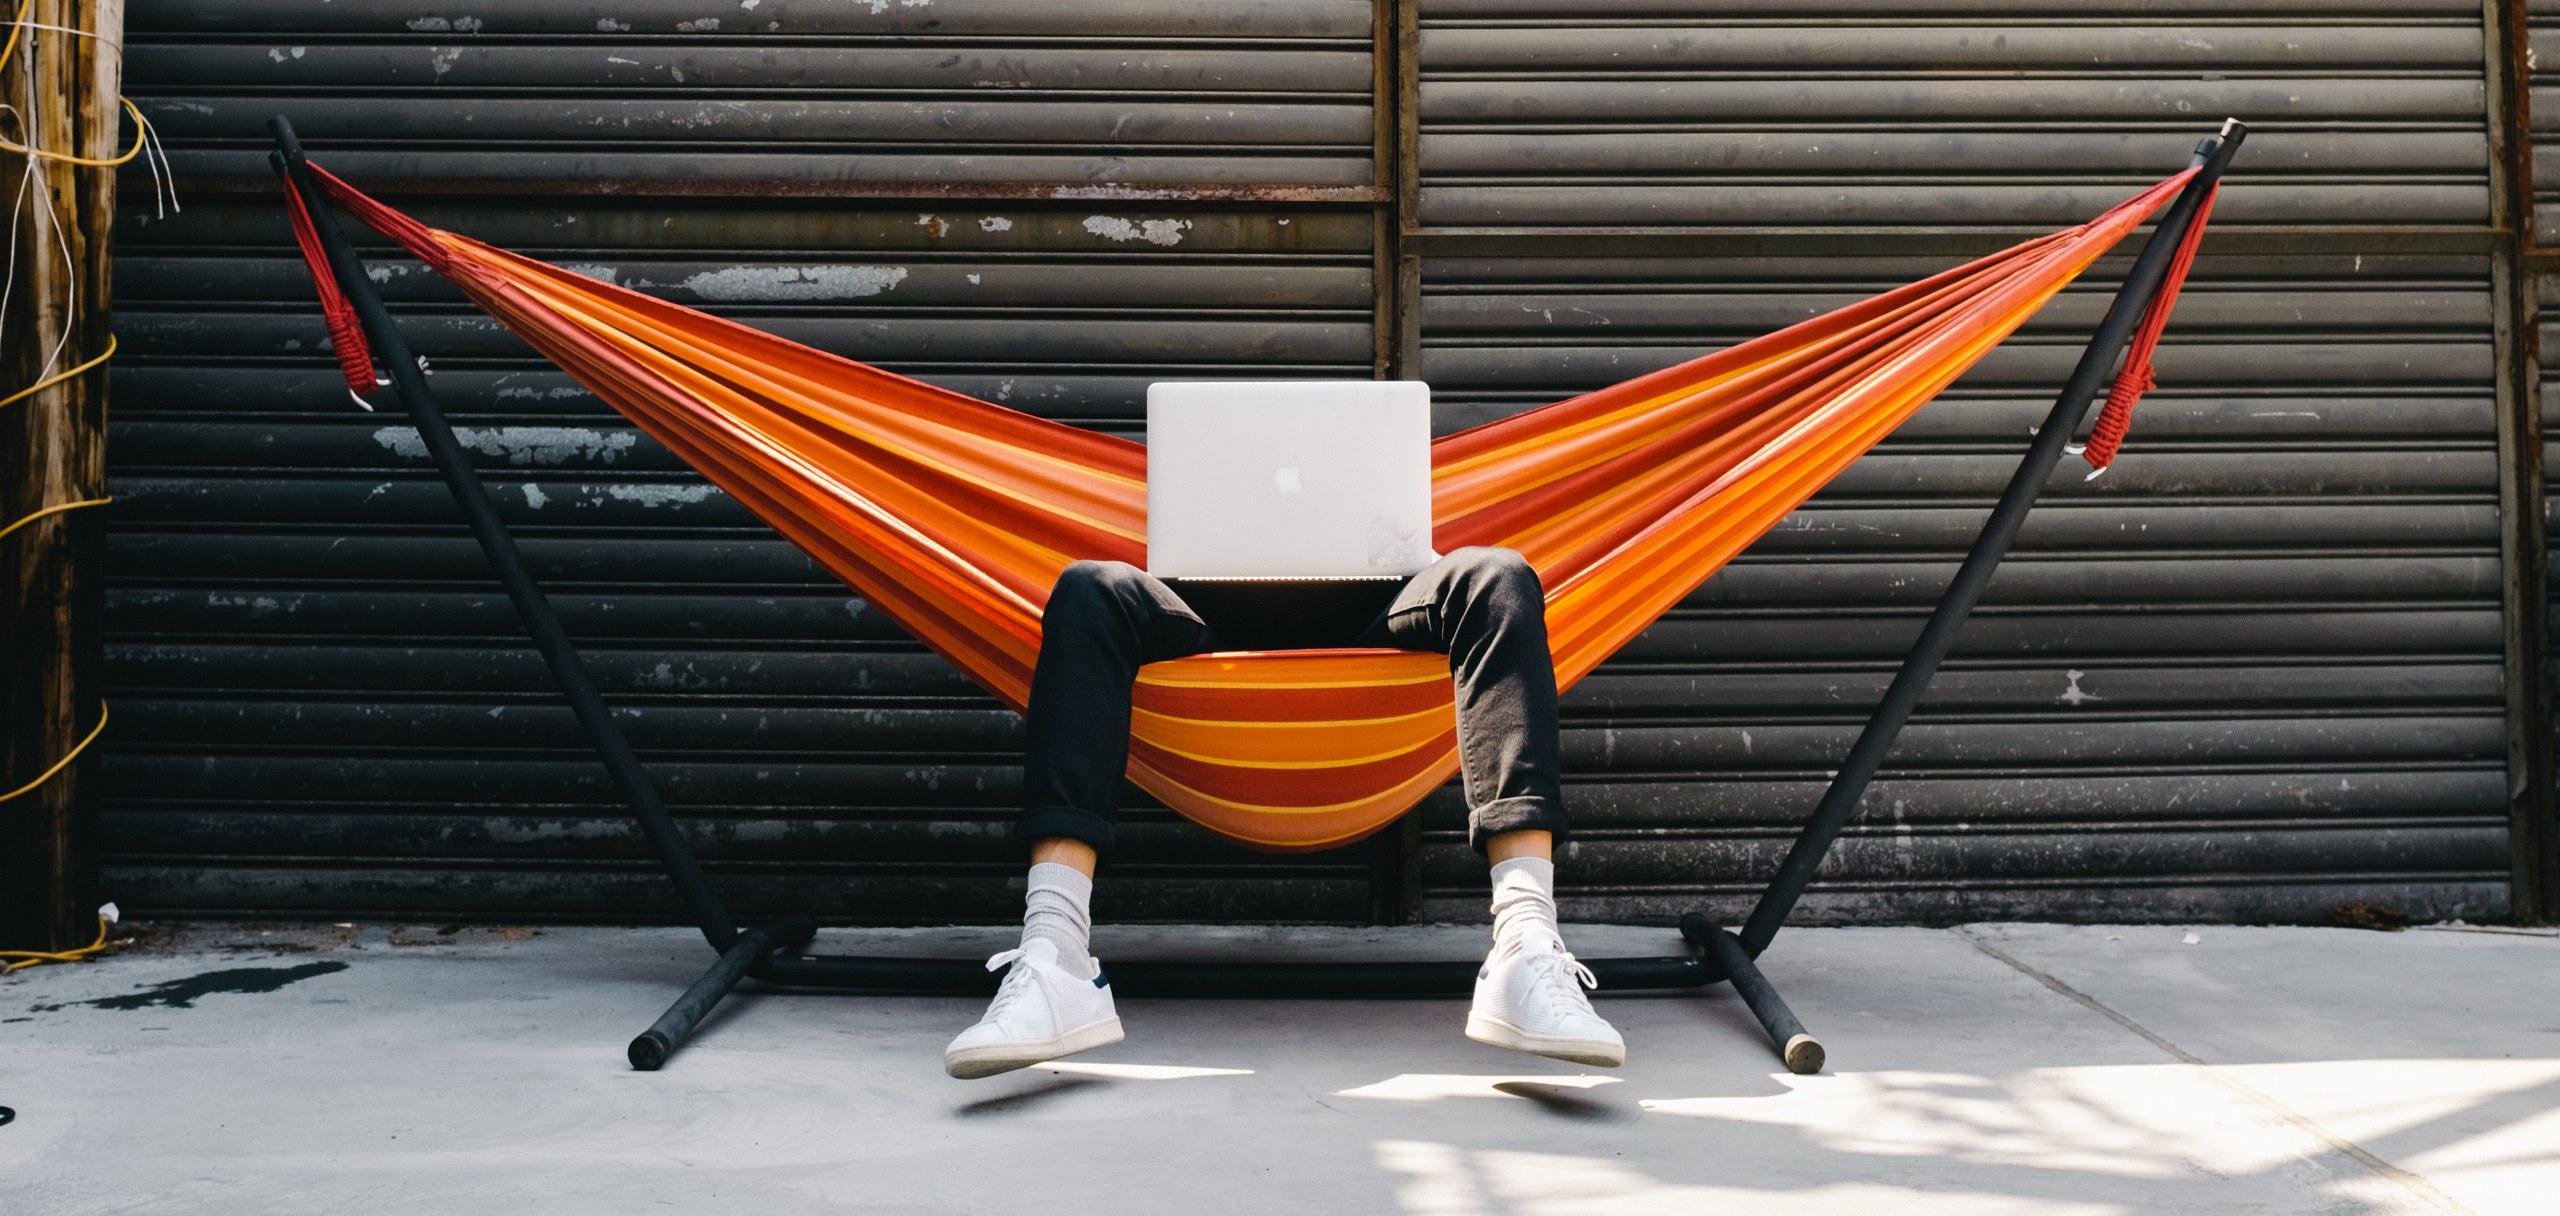 Fuzz employee sitting in a hammock